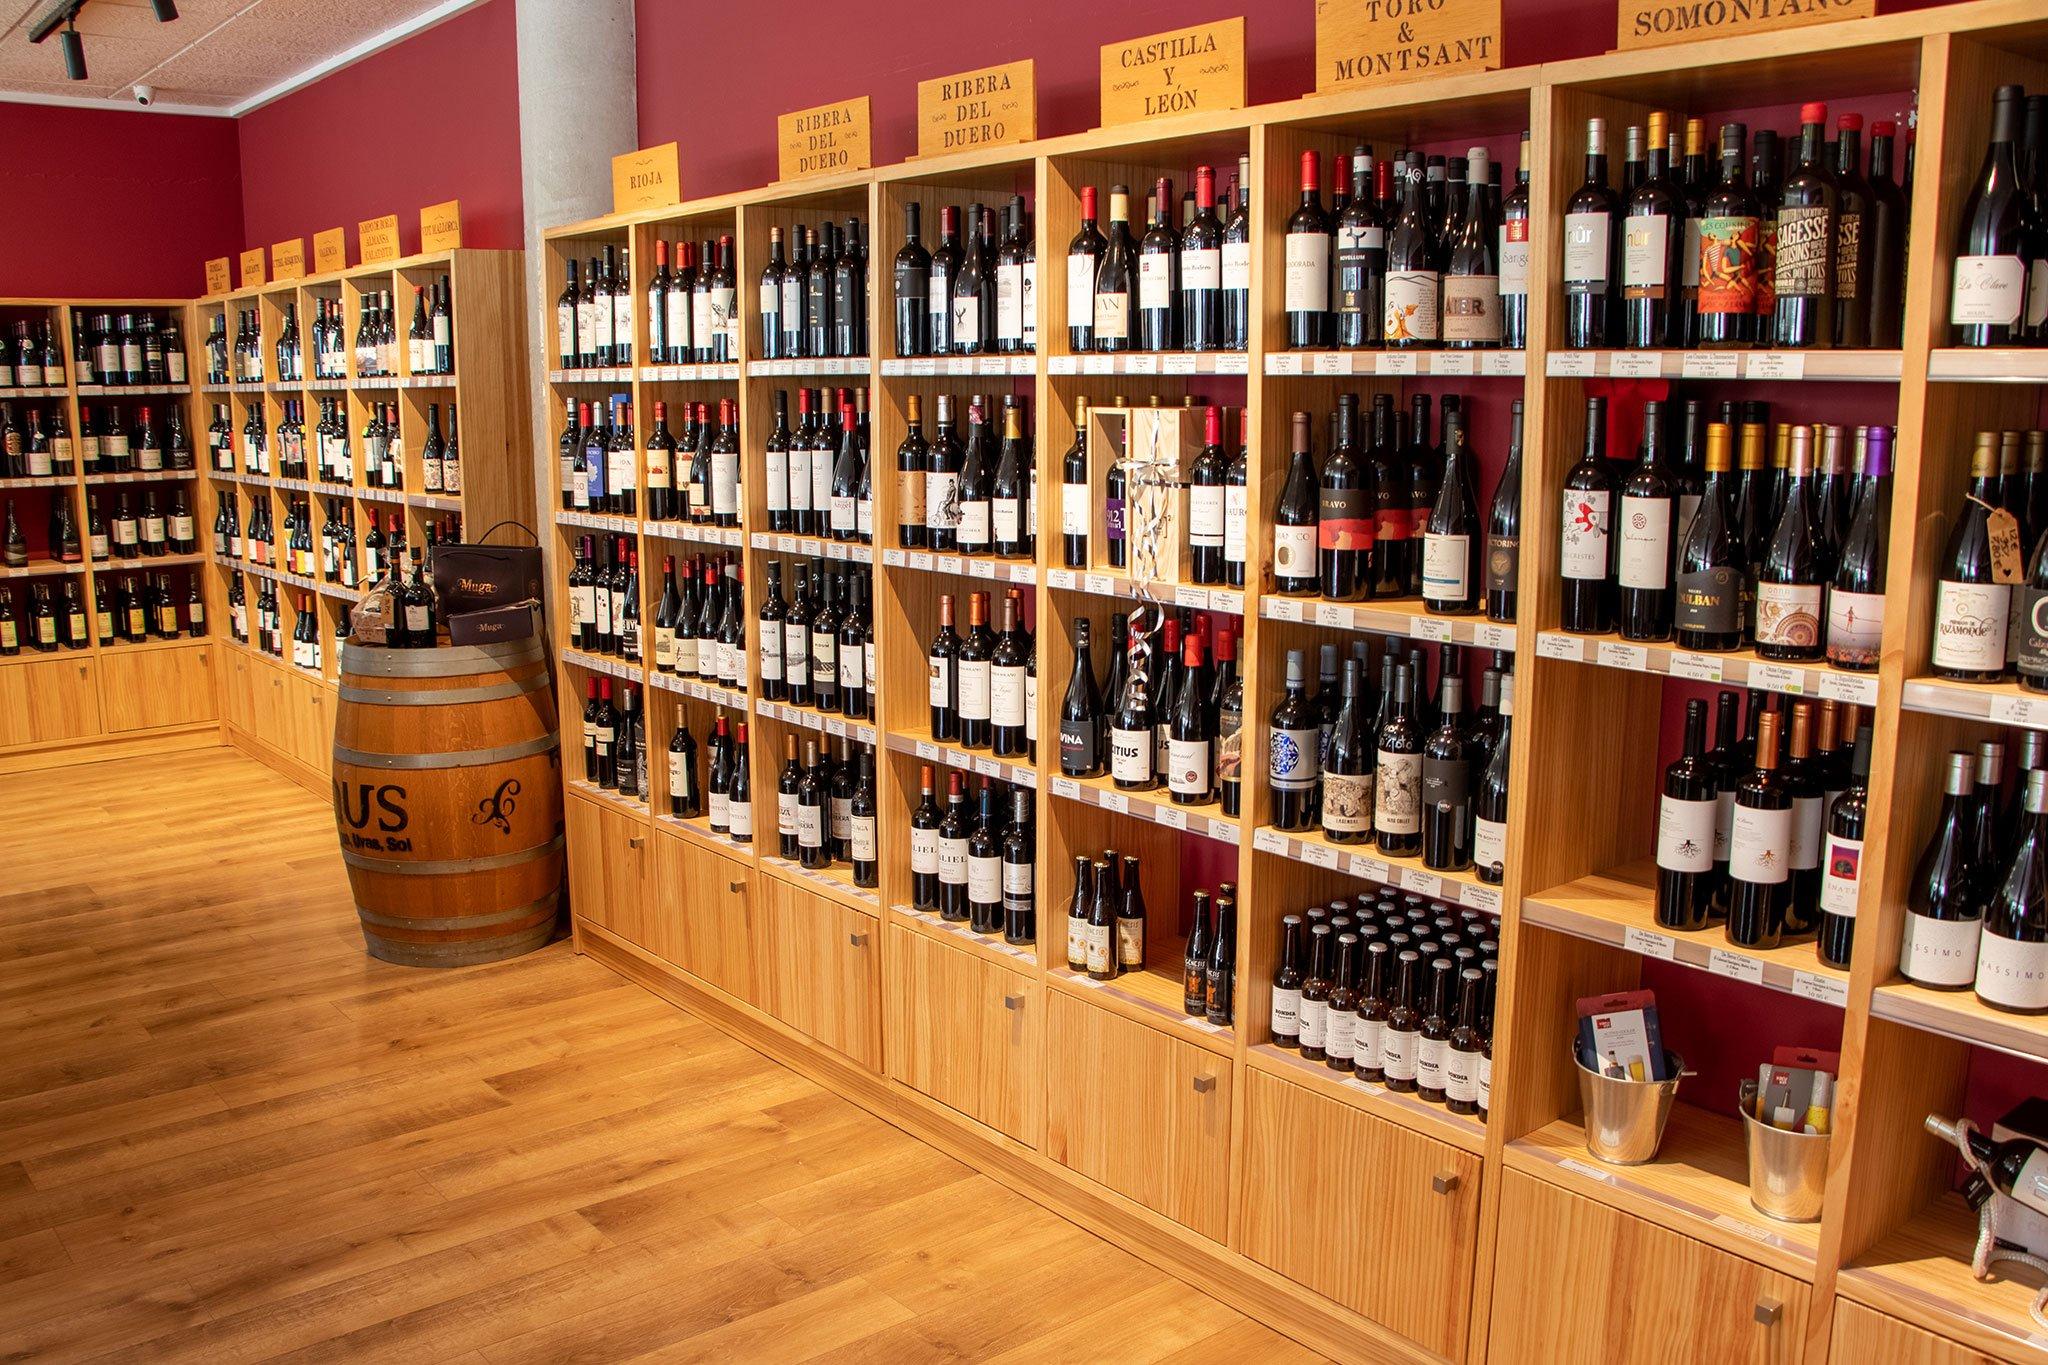 vinos-espanoles-separados-denominacion-origen-javea-casa-del-vino